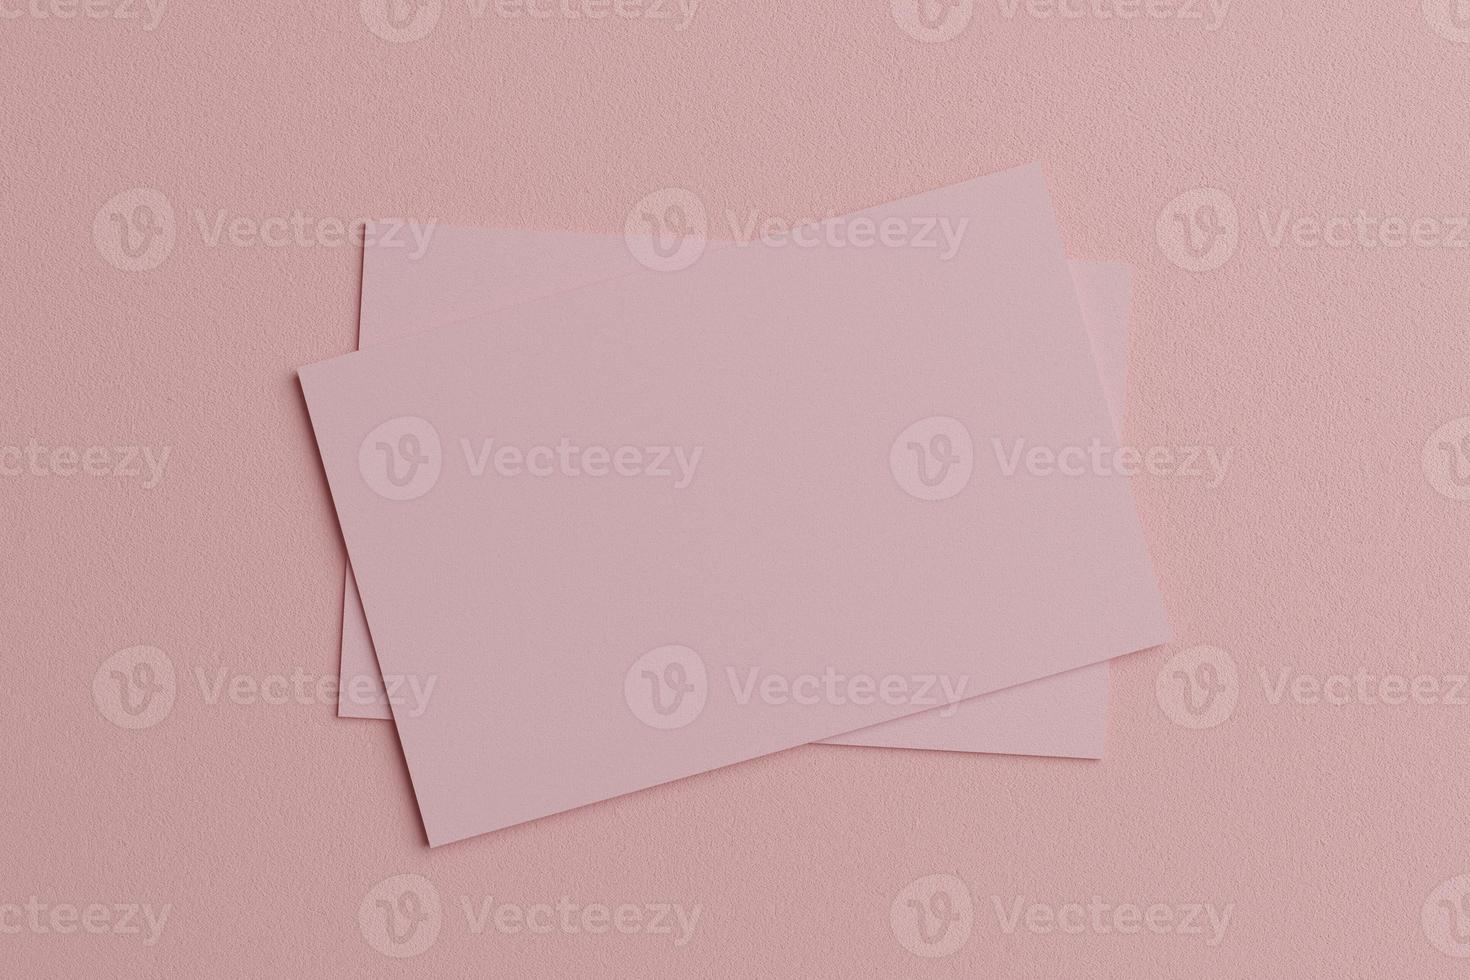 rosa pastell visitkort papper mockup mall med tomt utrymme lock för infoga företagets logotyp eller personlig identitet på kartong bakgrund. modernt stil koncept. toppvy. 3d illustration render foto